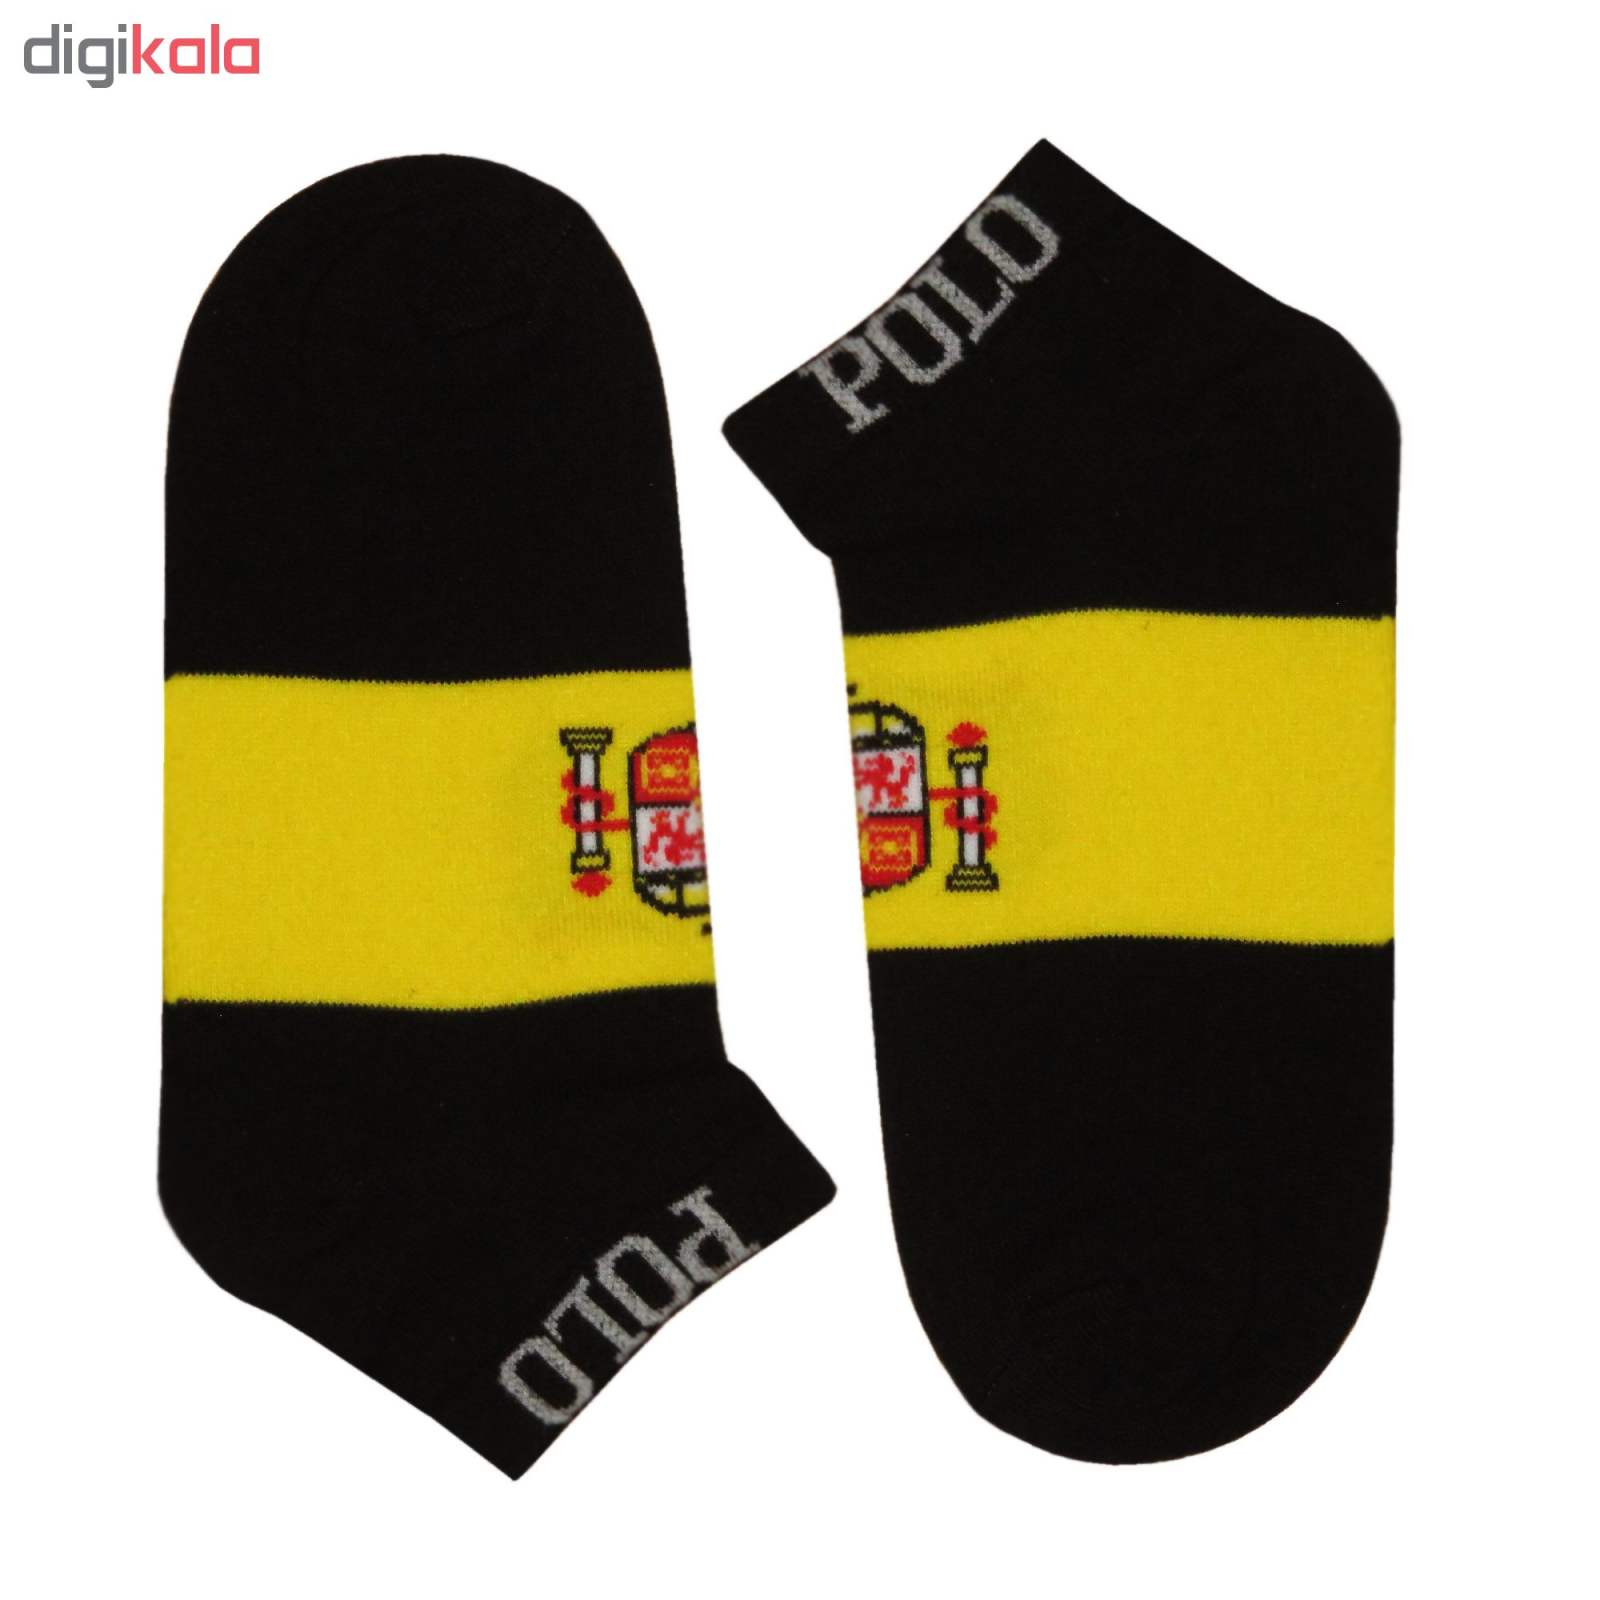 جوراب مردانه طرح پرچم اسپانیا کد 118 رنگ مشکی main 1 1